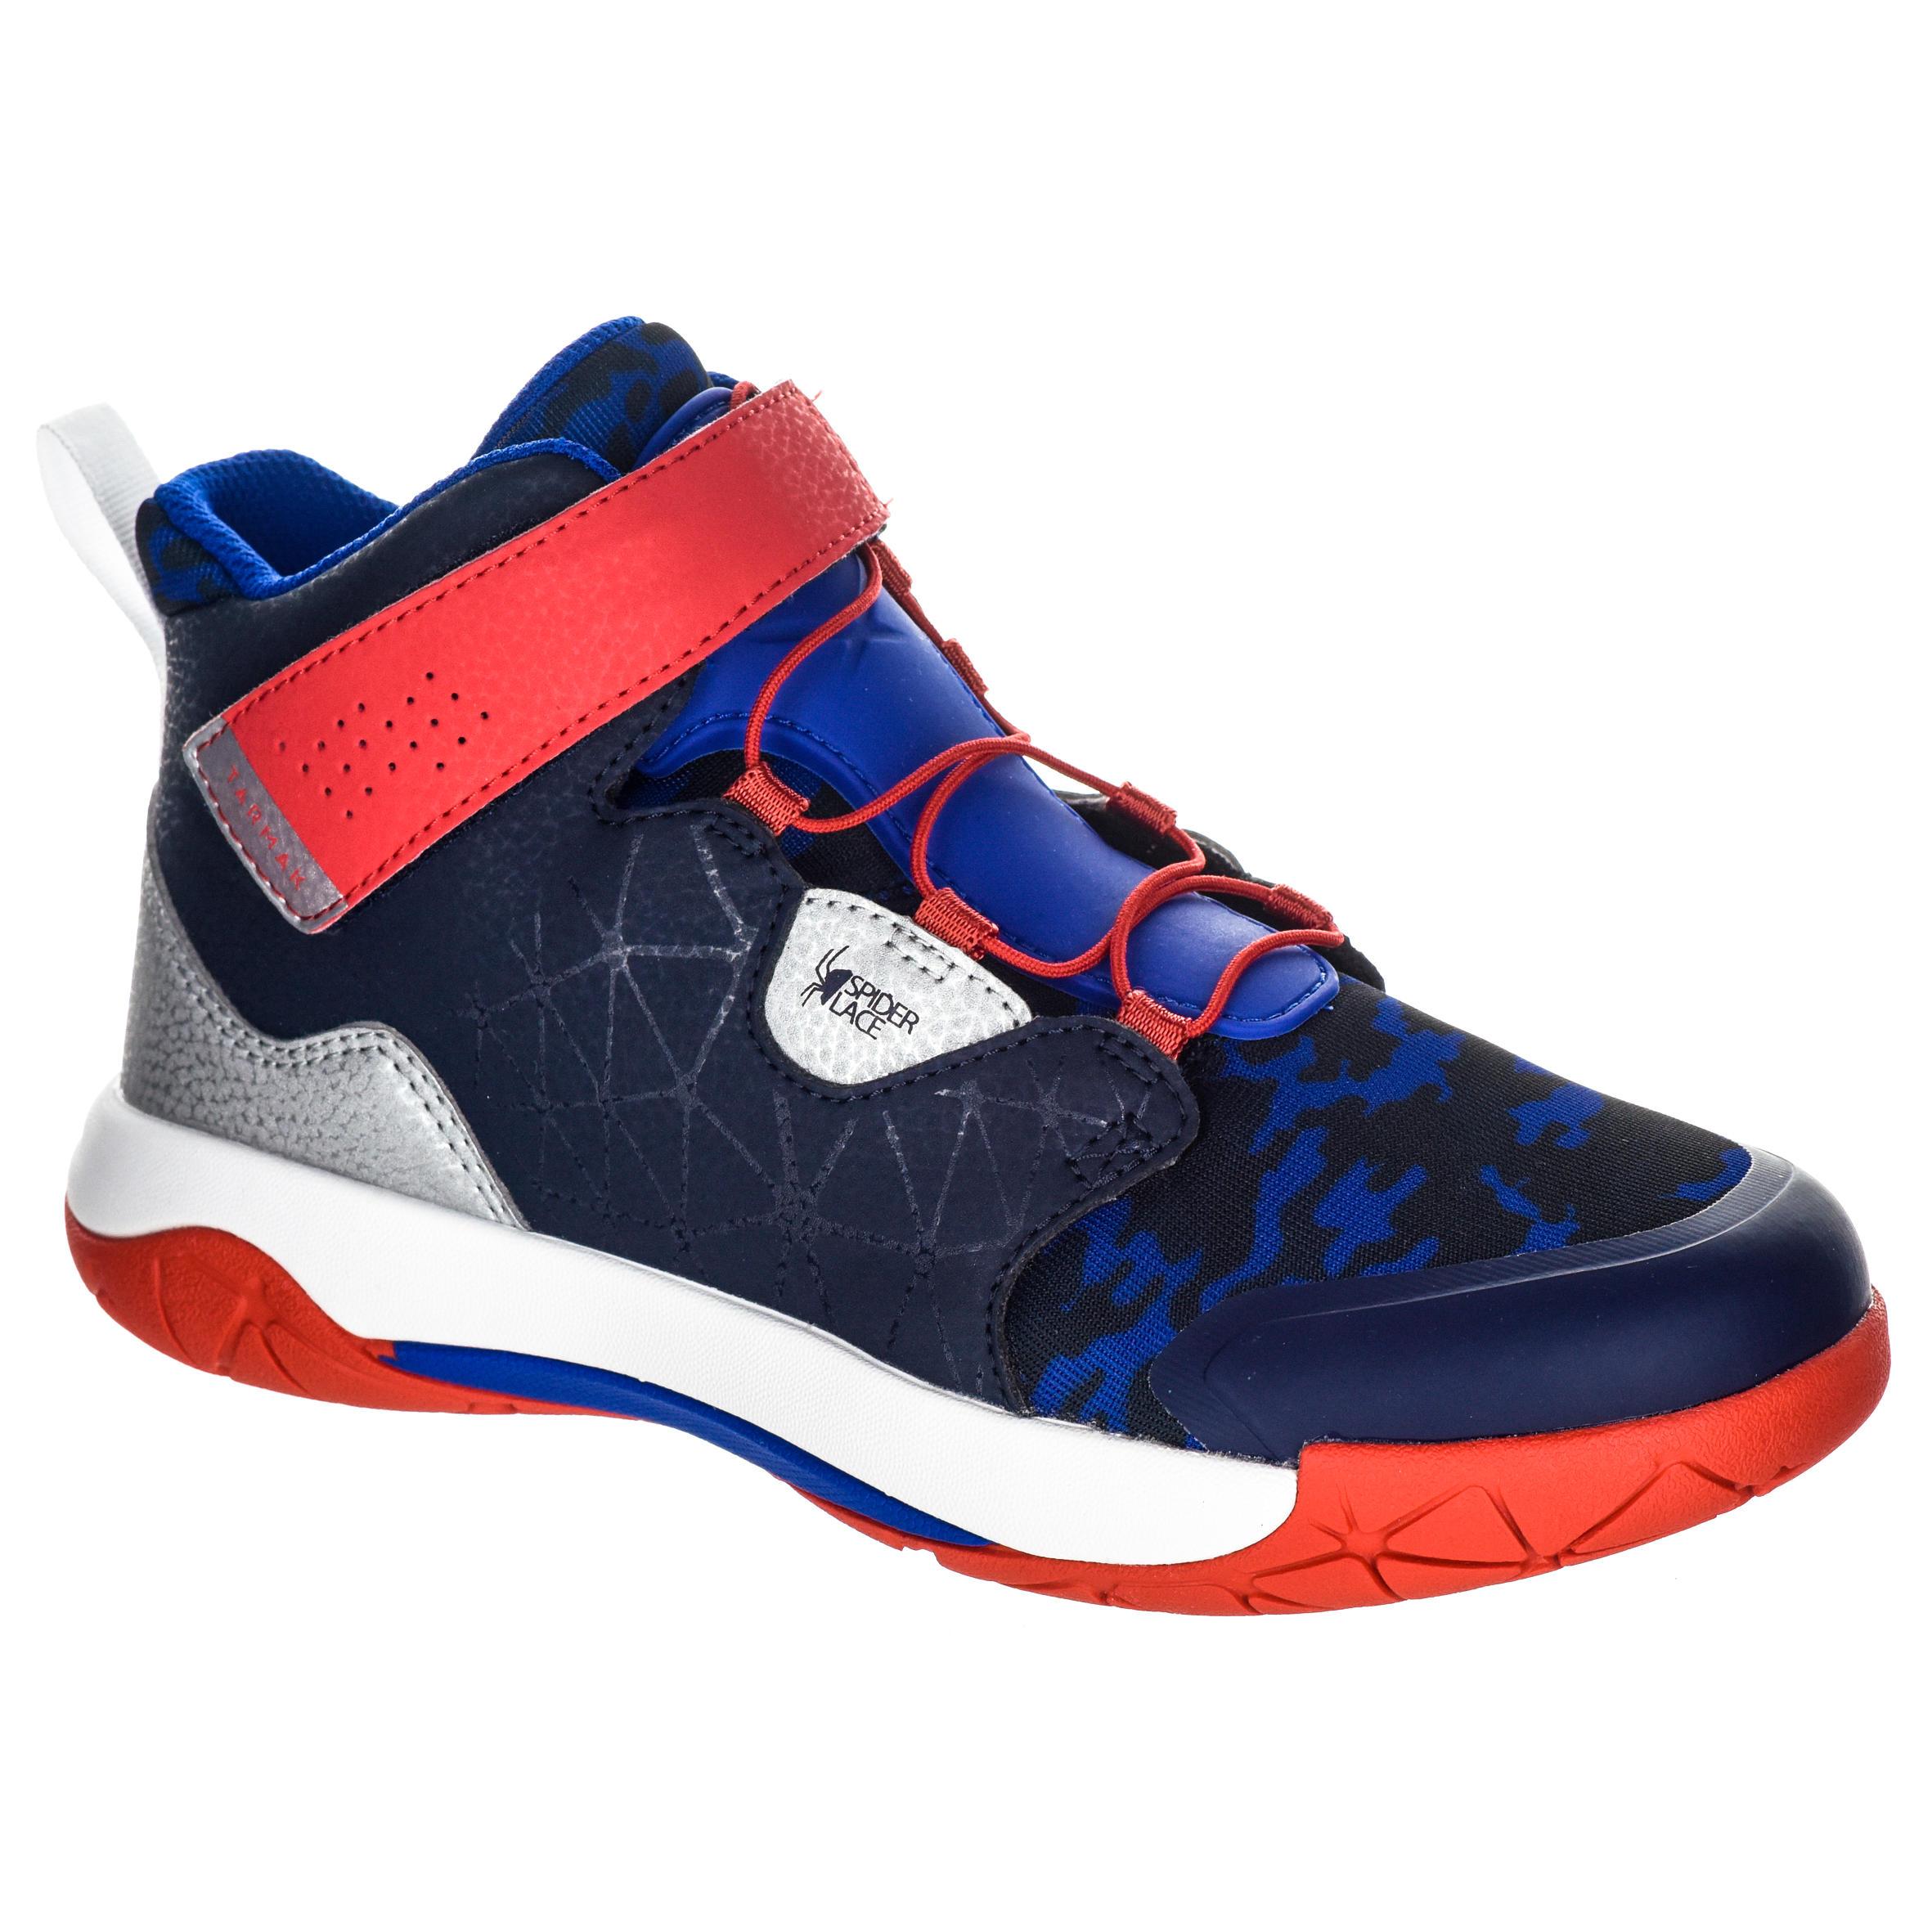 d137e37f366ae Comprar Zapatillas de Baloncesto online